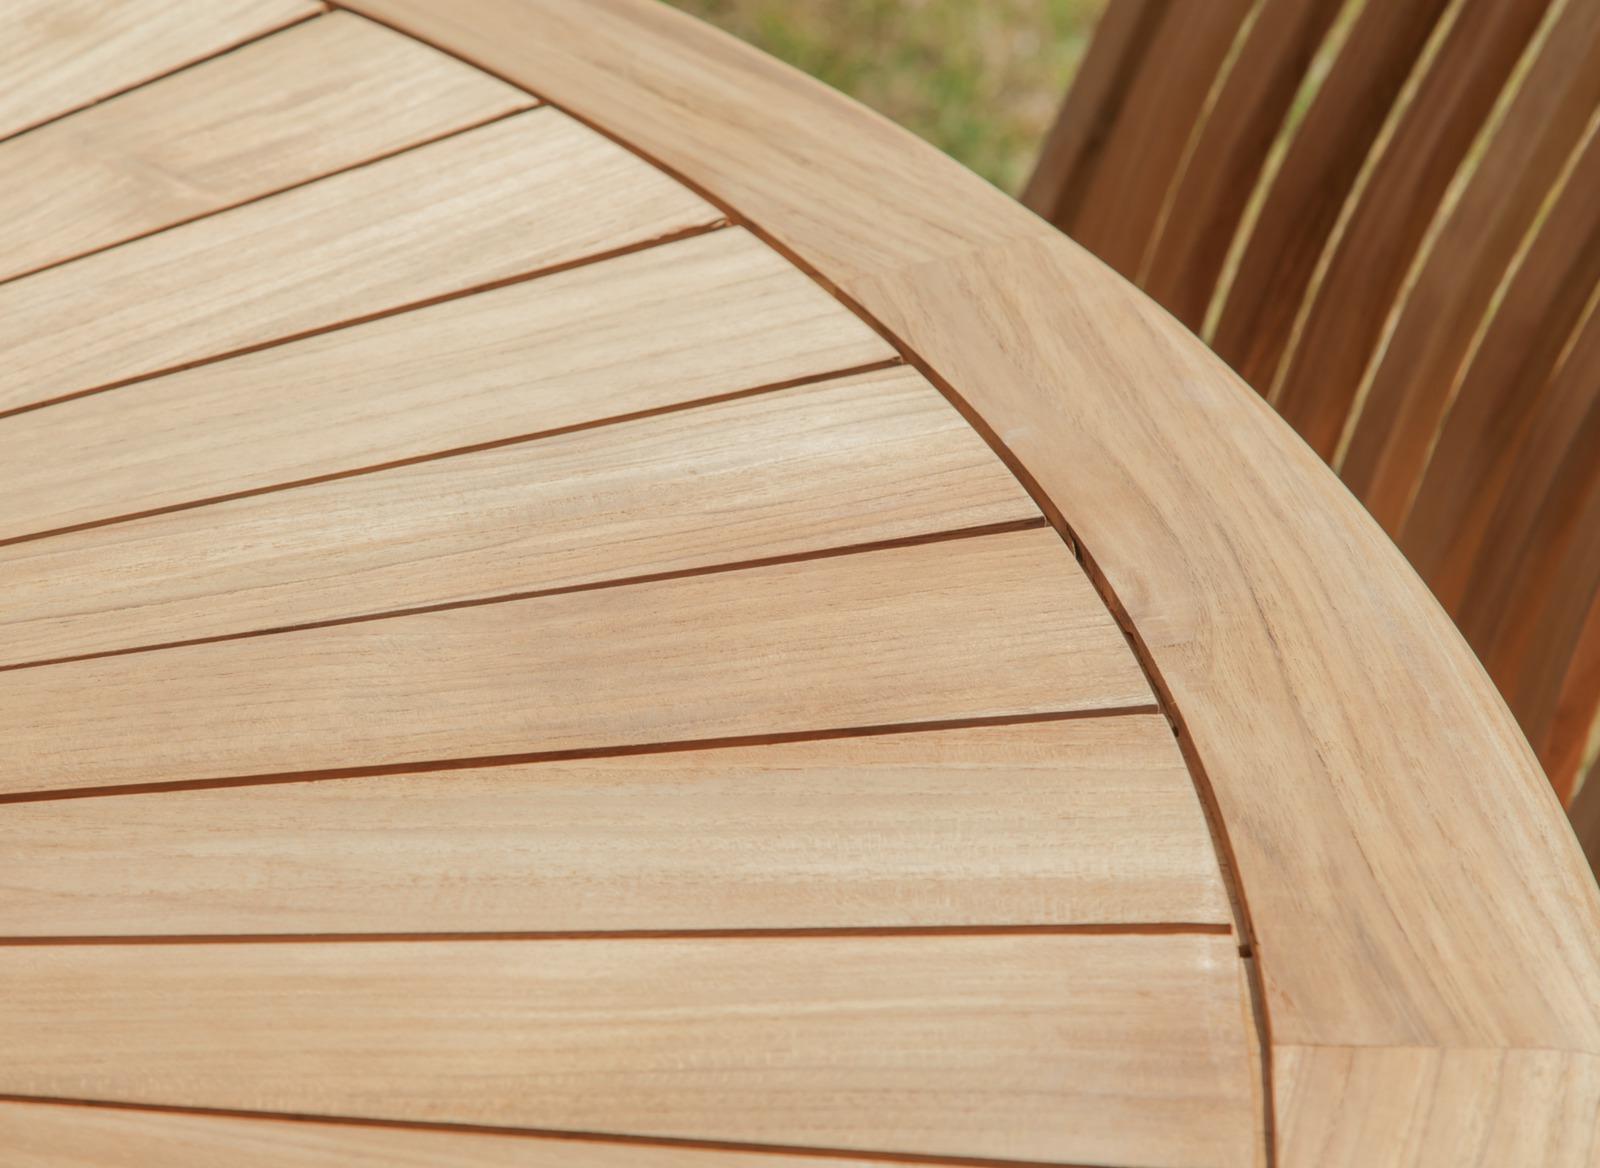 Salon jardin table ronde Bréhat + 6 chaises - Proloisirs